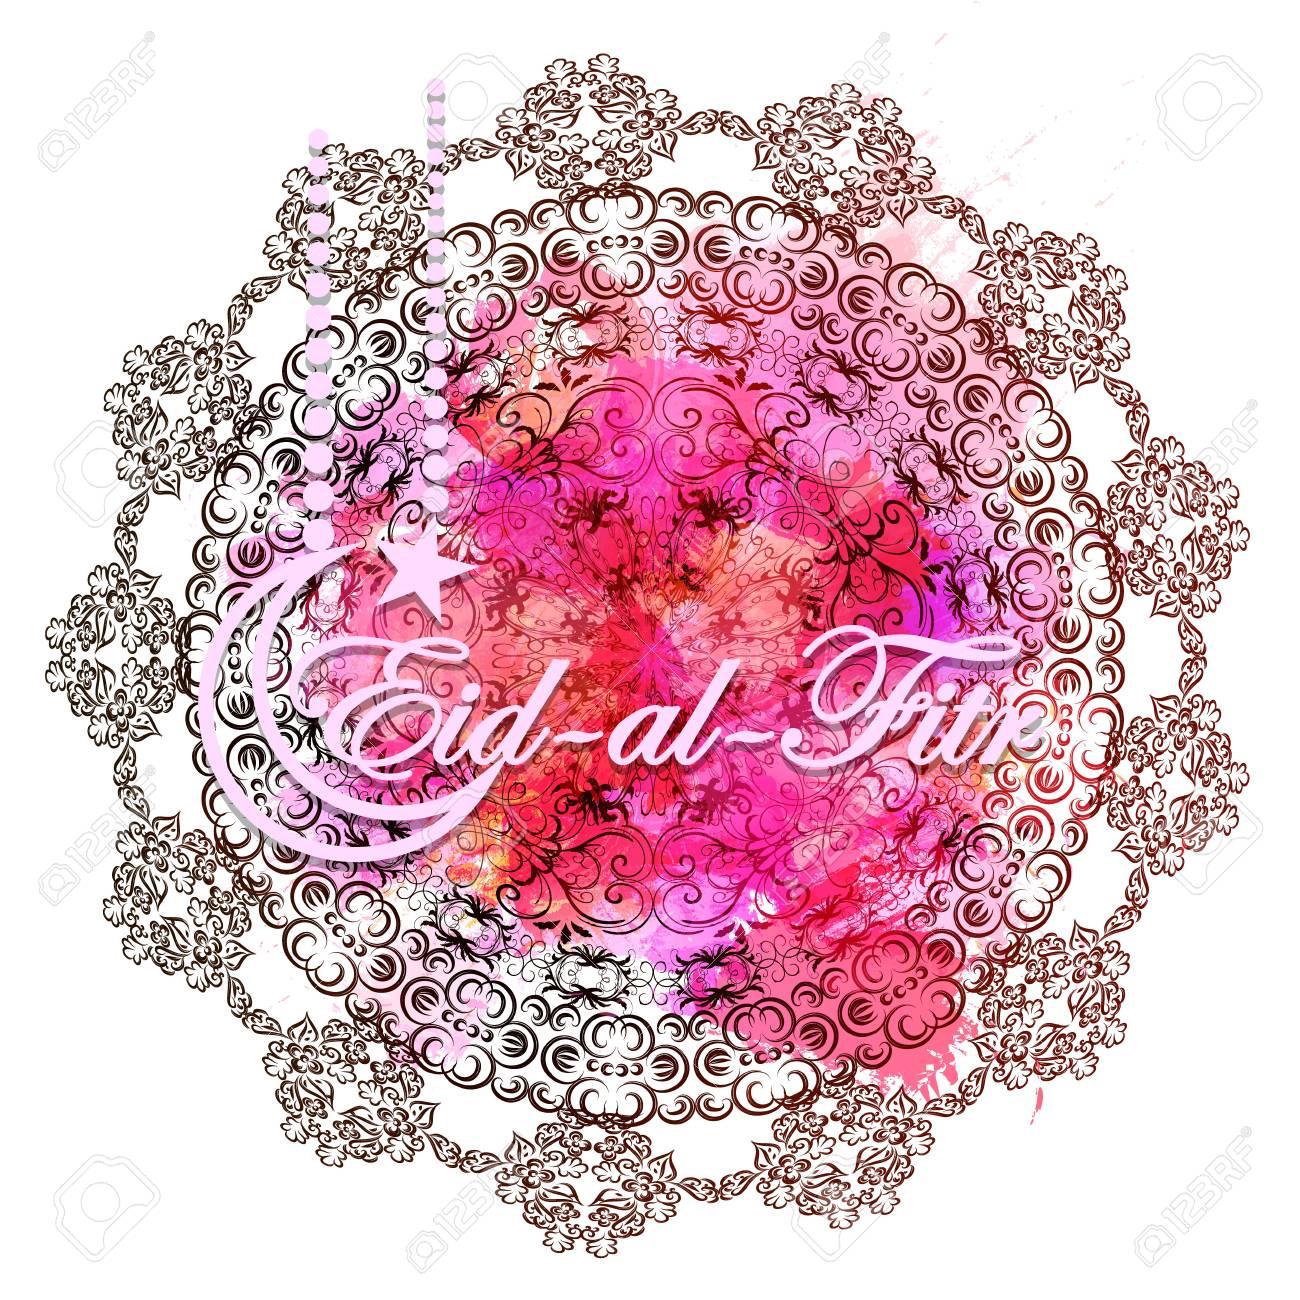 Beautiful Eid Holiday Eid Al-Fitr Greeting - 100102399-eid-al-fitr-mubarak-greeting-card-religious-holiday-celebrated-by-muslims-vector-illustration-  Image_924024 .jpg